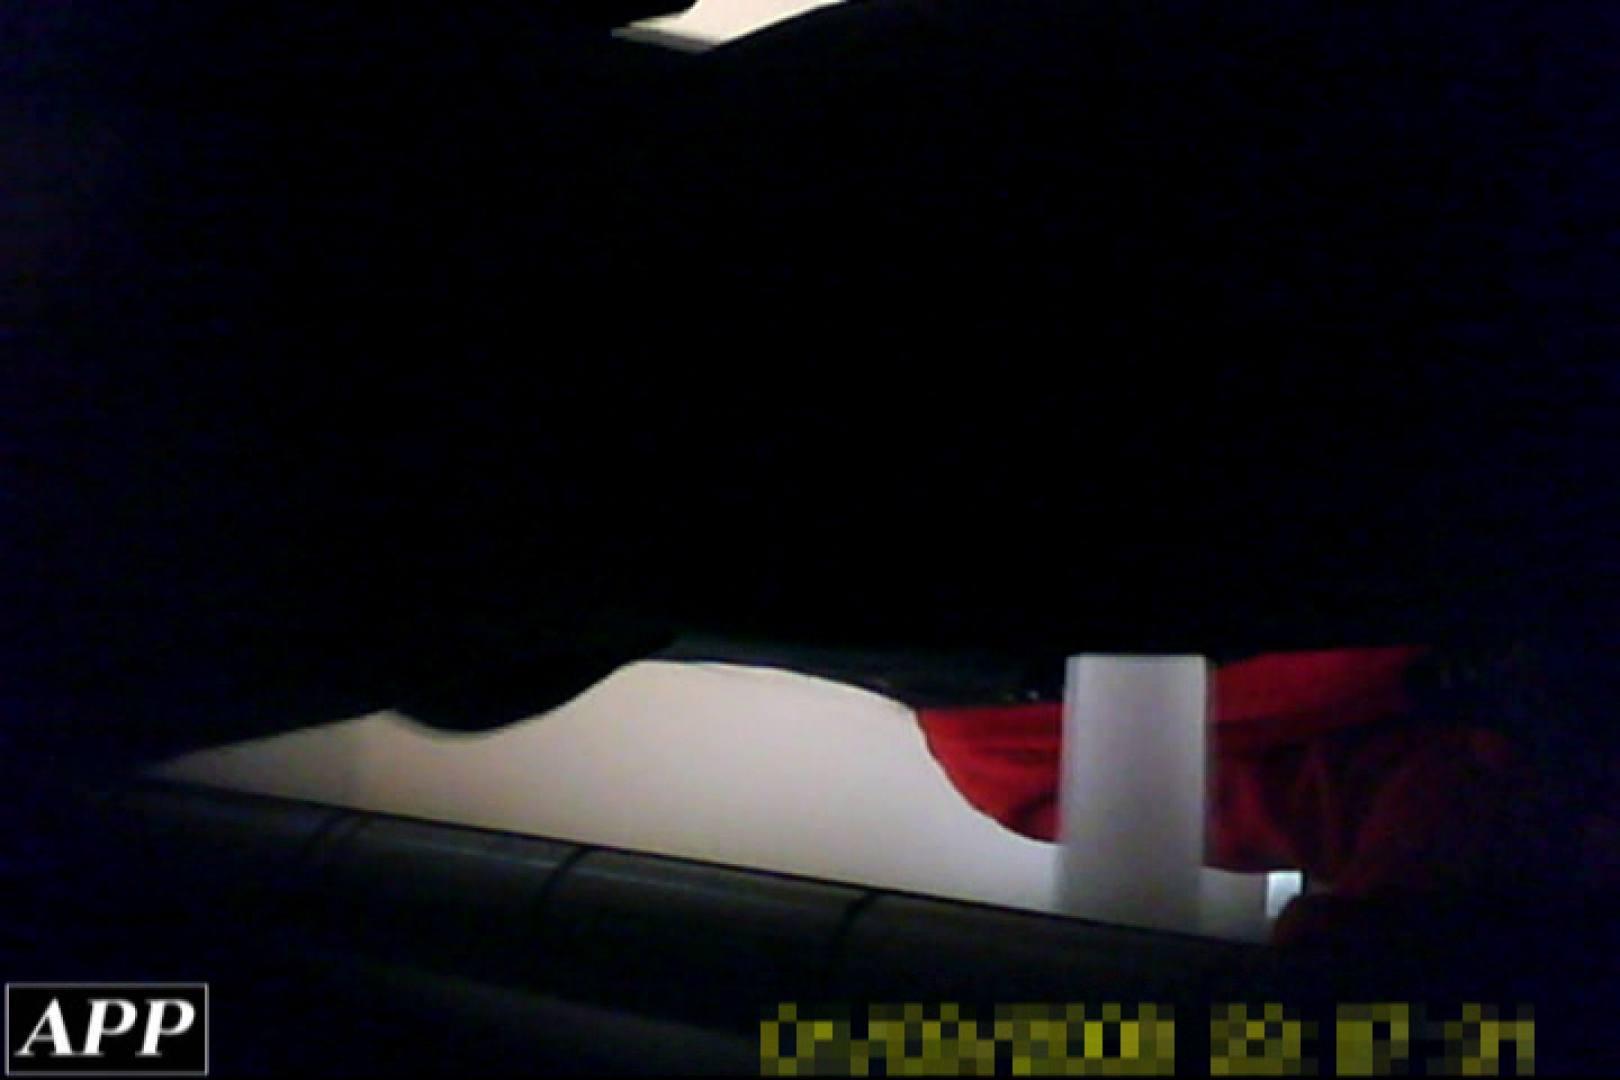 3視点洗面所 vol.112 マンコ | 丸見えマンコ  62画像 14